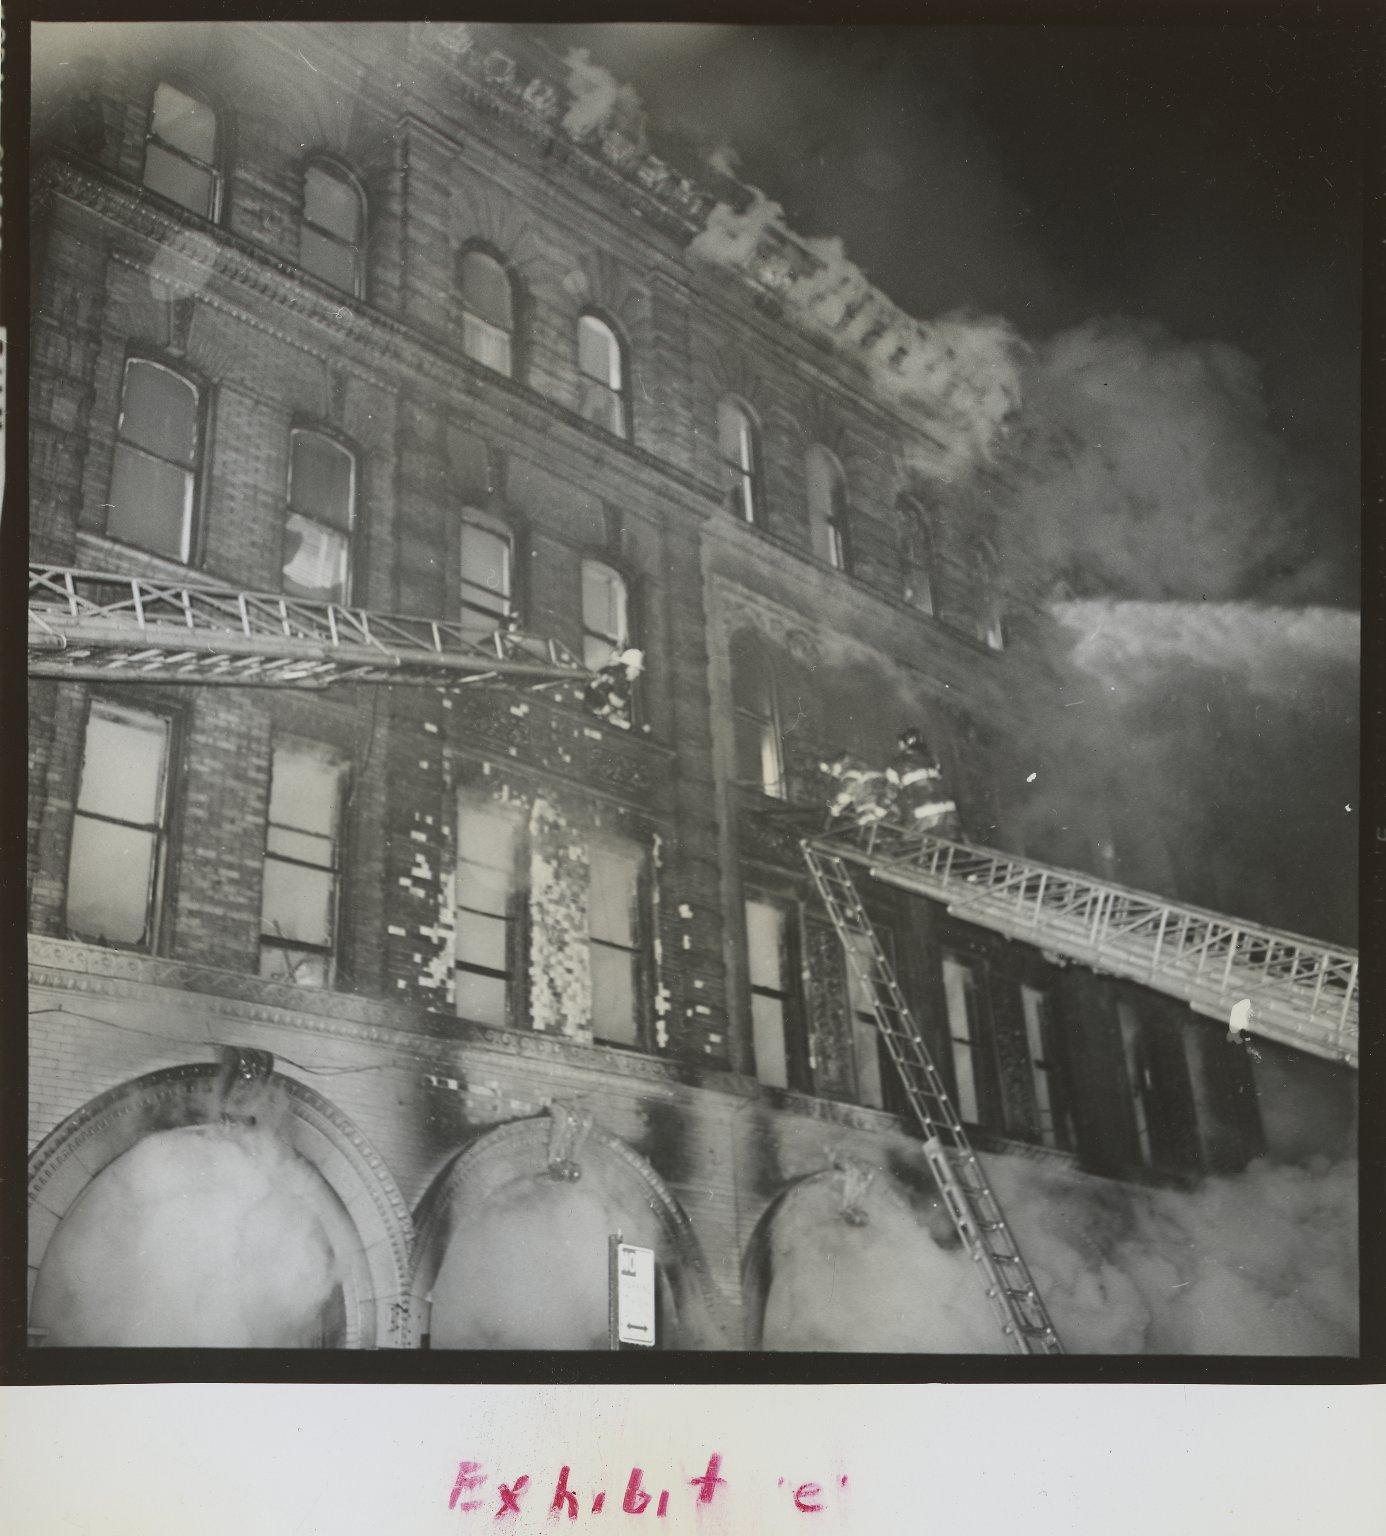 Пожарные поднимаются по лестнице. Нью-Йорк, США.1968 год